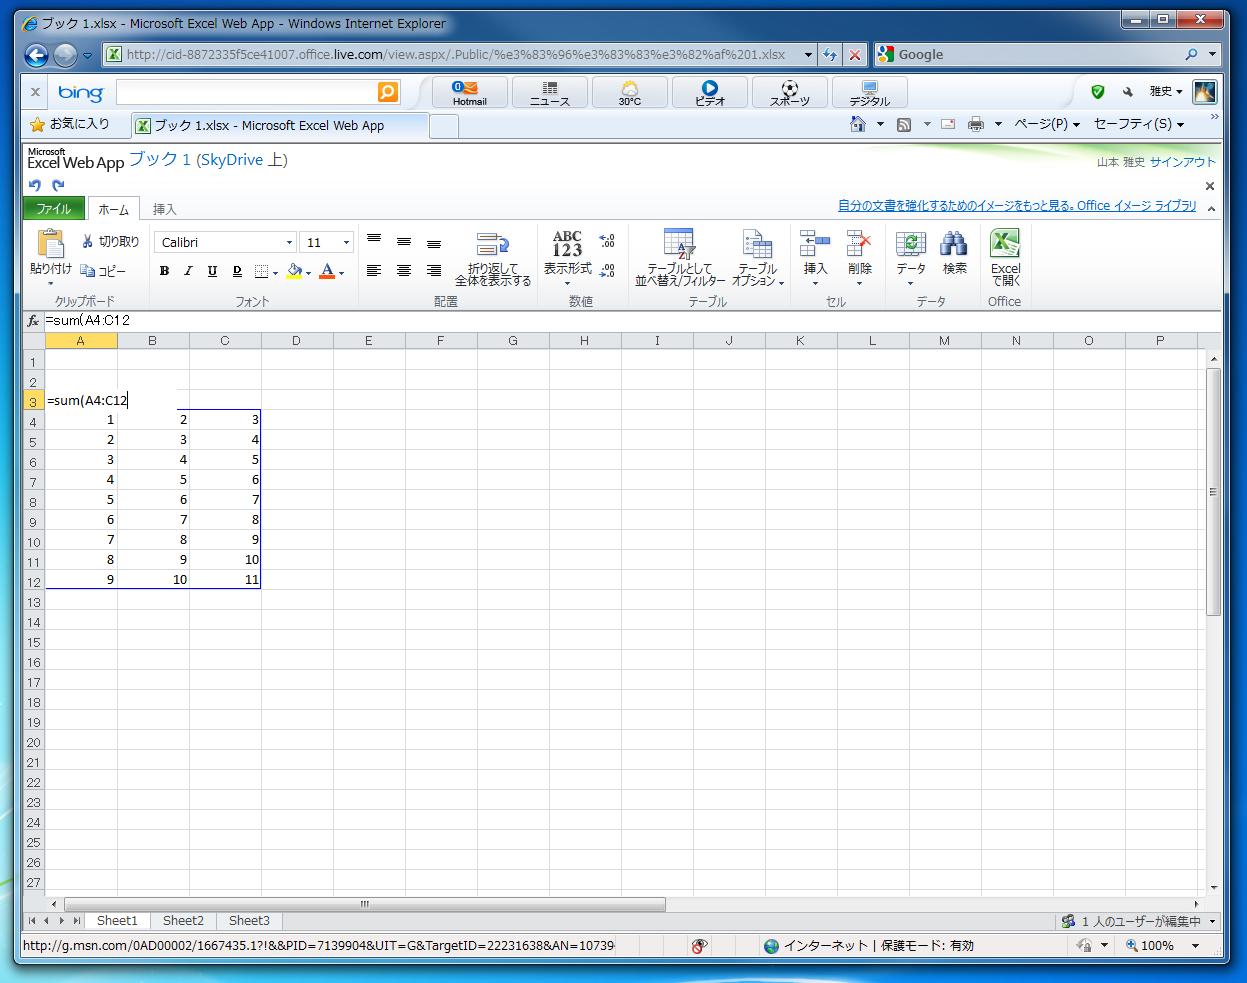 Excel Web Appでは、Excel2010と同じ関数が使用できる。ただし、Excel2010のようにウィザードは表示されないため、関数を知っていないと入力できない。